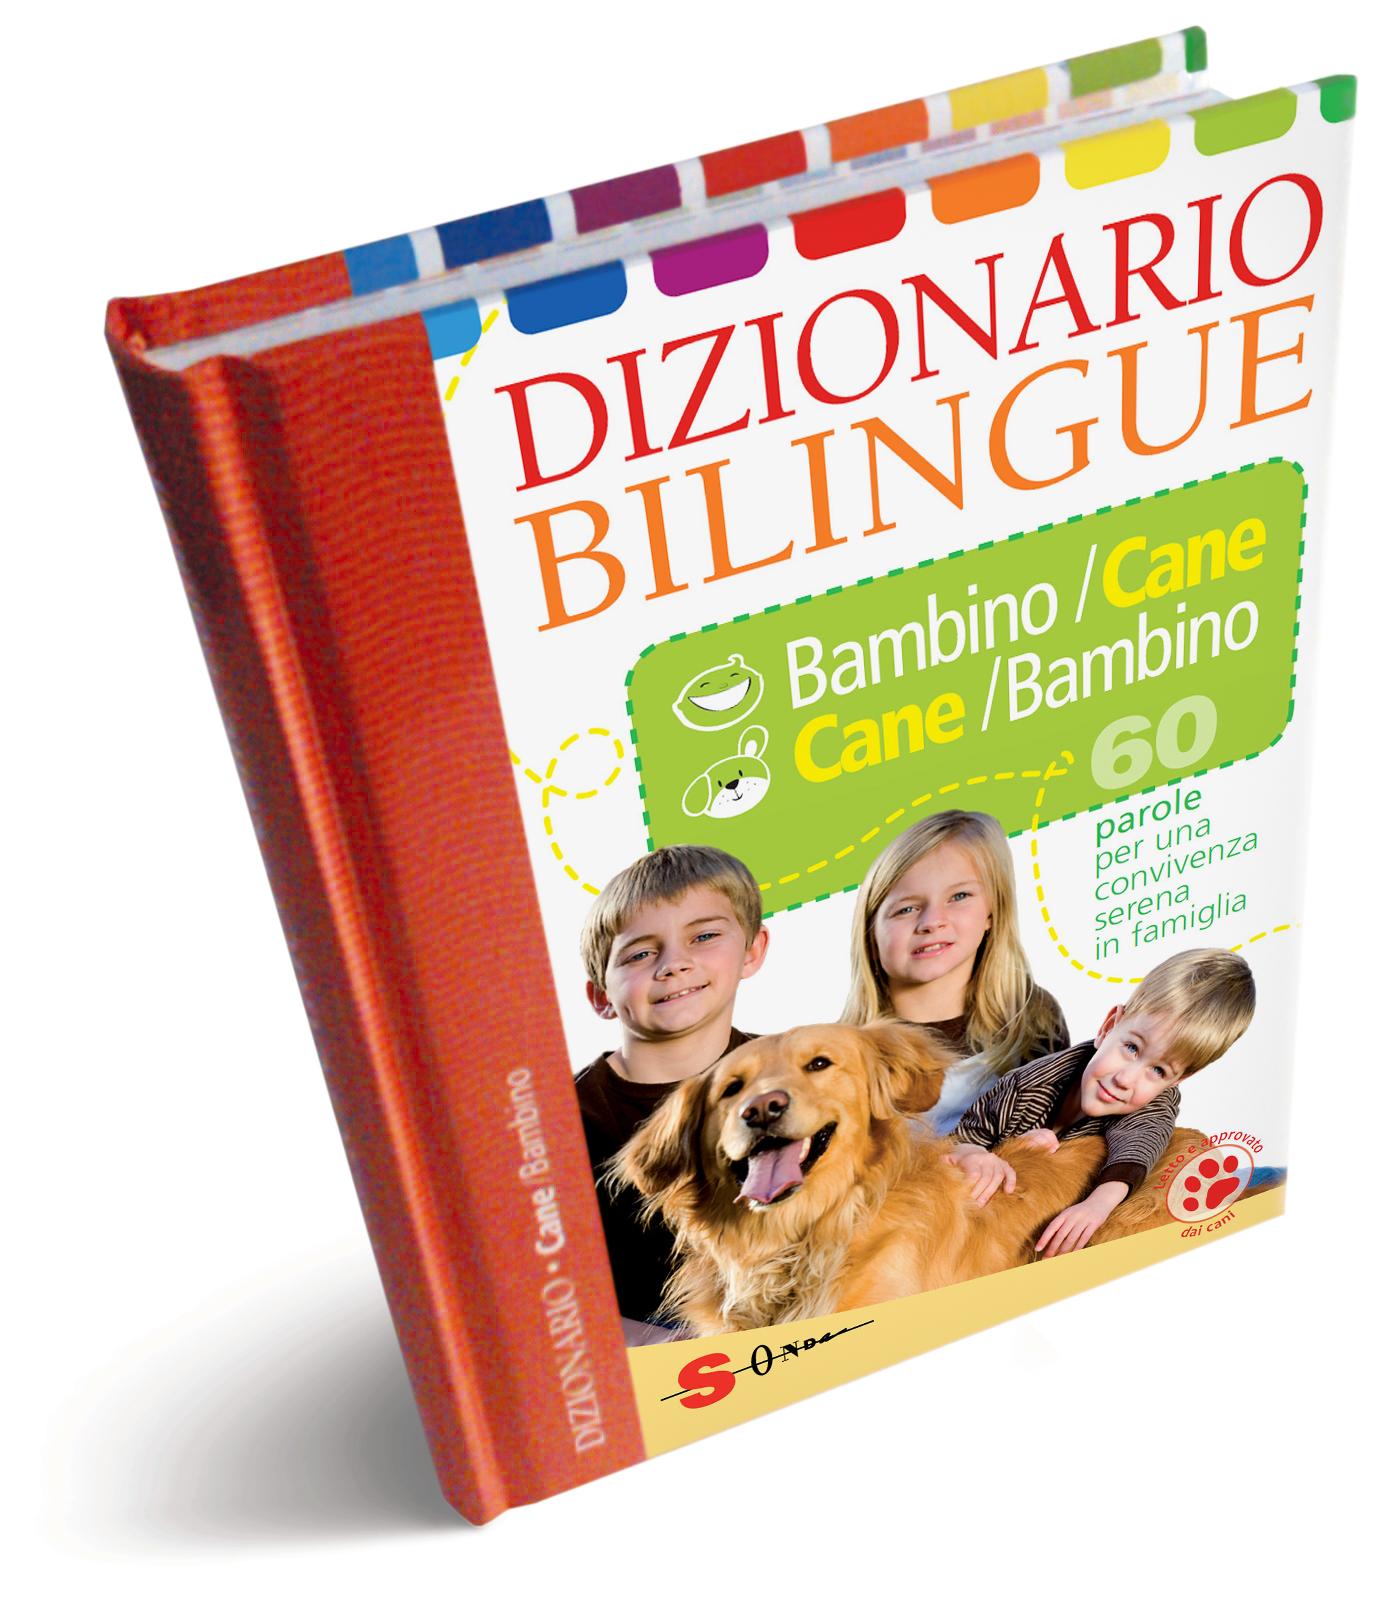 Libri per bambini: intervista all'illustratore e fumettista Andrea Musso sul Dizionario bilingue Bambino/Cane.